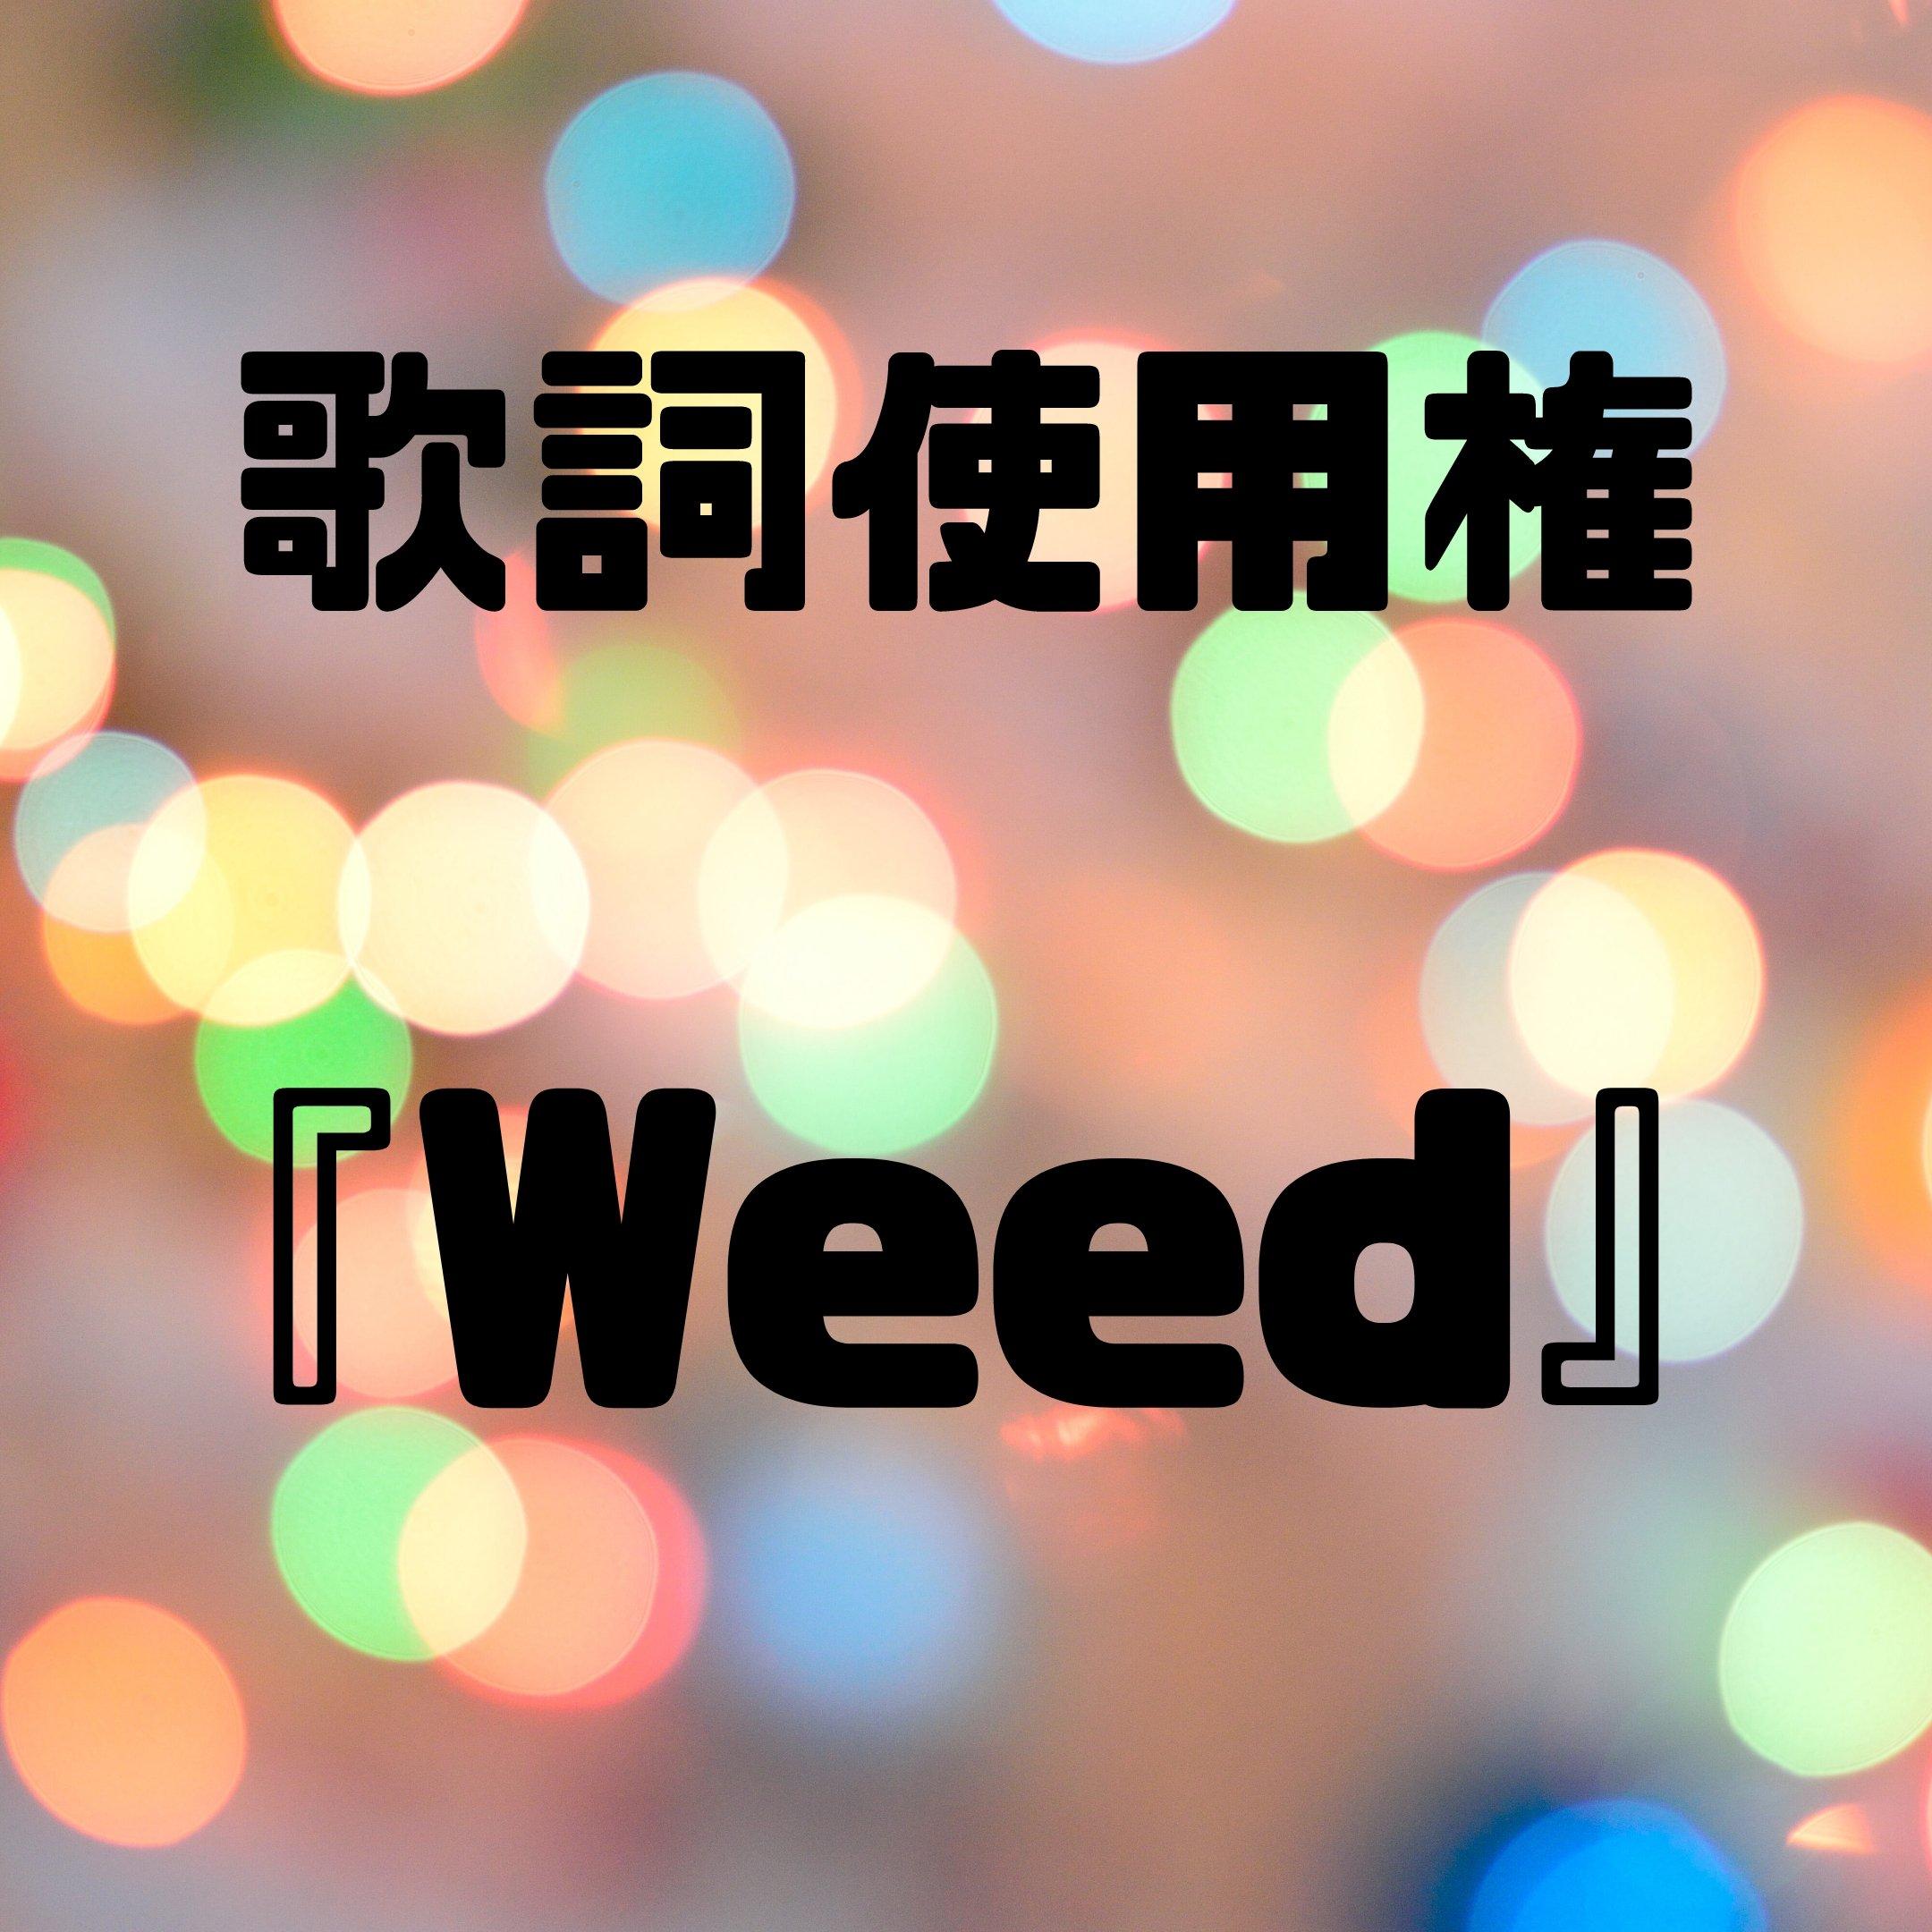 【歌詞使用権】Weedのイメージその1